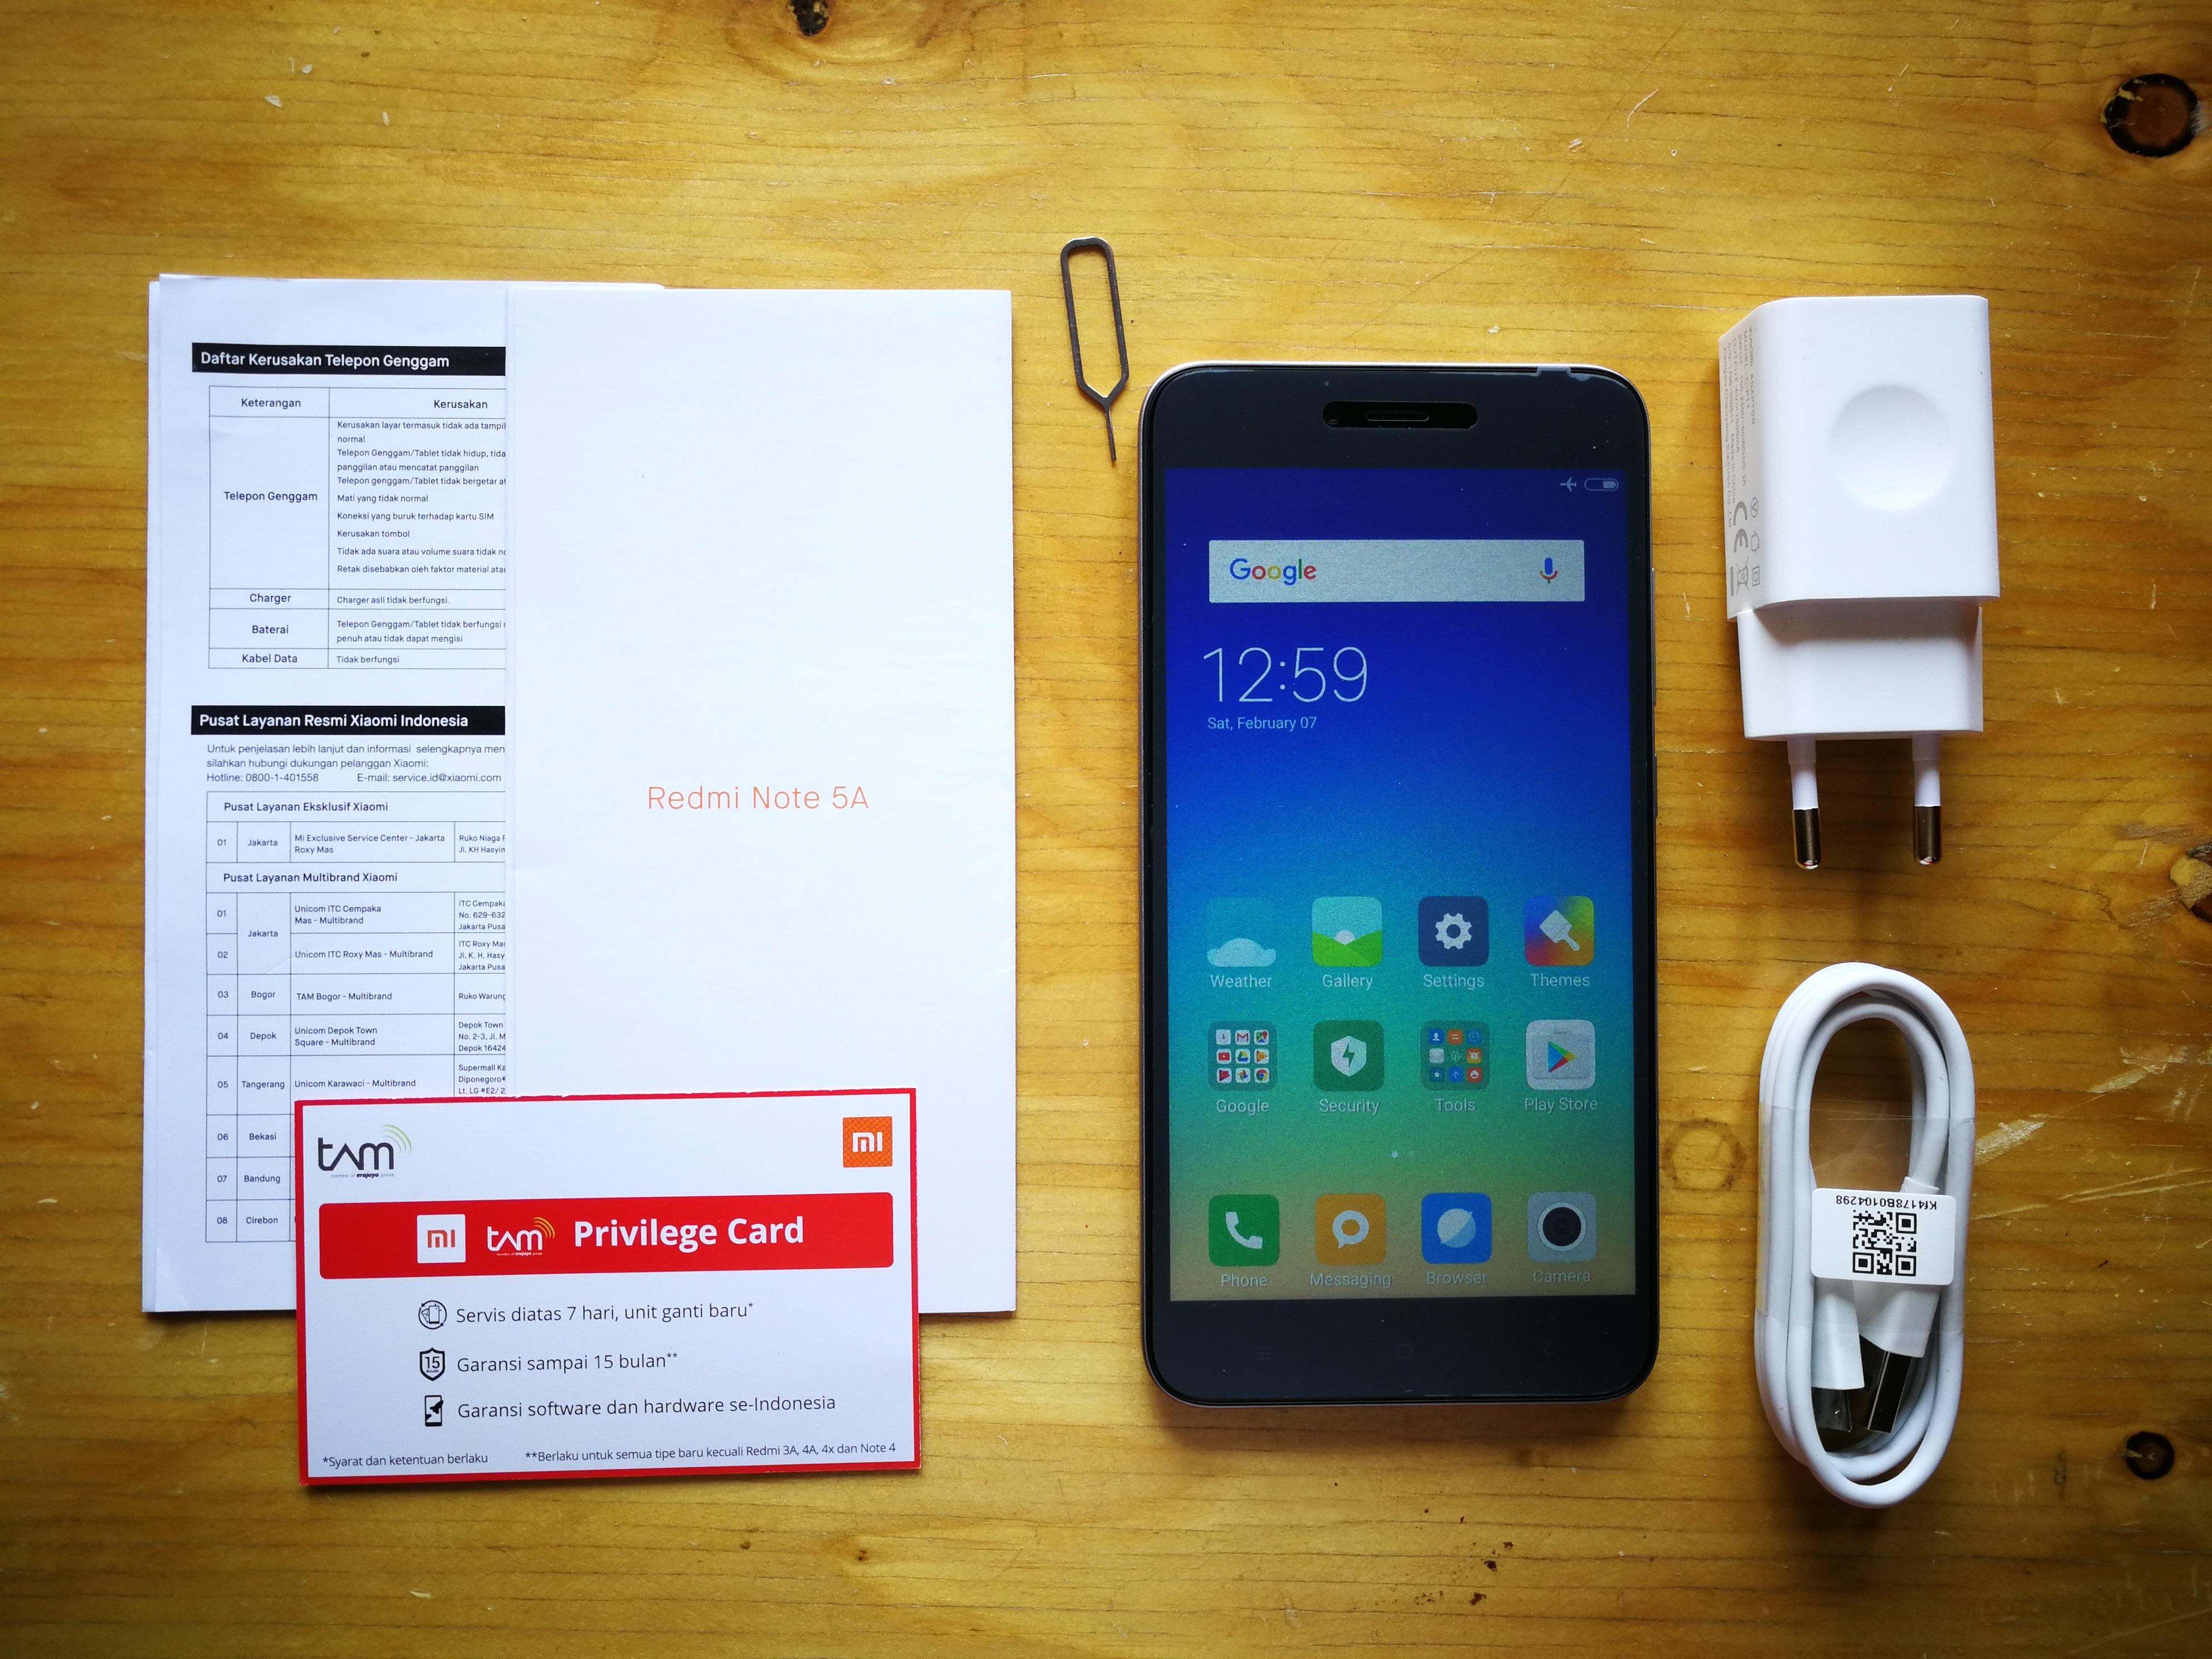 Mengintip Isi Kotak Xiaomi Redmi Note 5a 4g Dual Sim Putih Pertama Adalah Terdapat Kartu Penjelasan Perangkat Informasi Garansi Serta Tanda Berisi Nomor Dari Anda